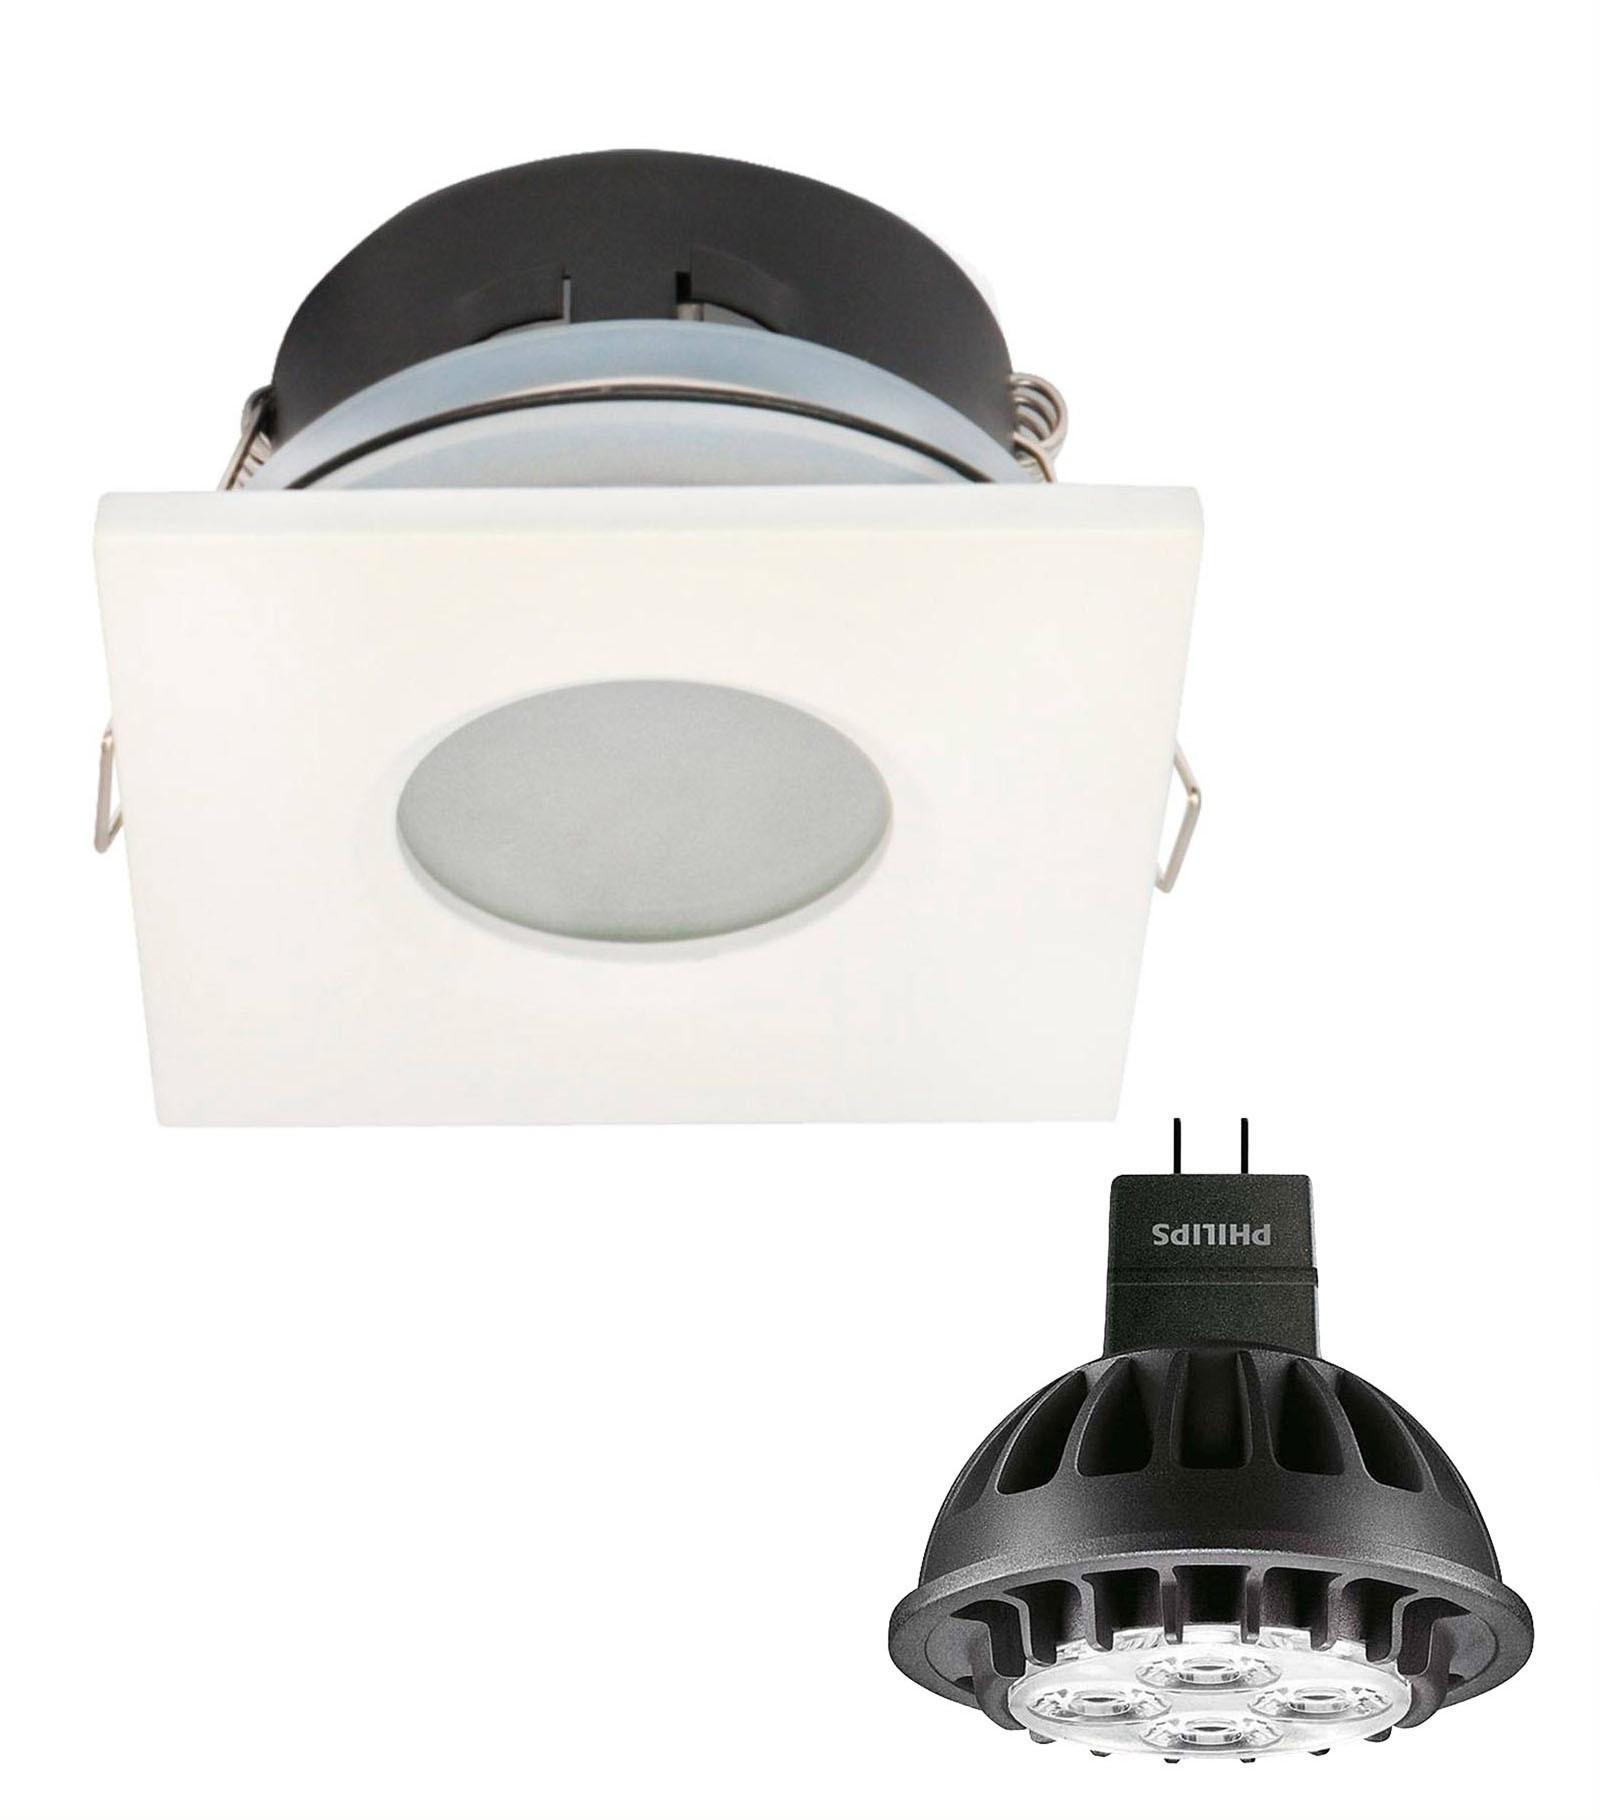 pack spot encastrable salle de bain blanc carr gu5 3 mr16 ip67 7w blanc chaud ampoule fournie. Black Bedroom Furniture Sets. Home Design Ideas